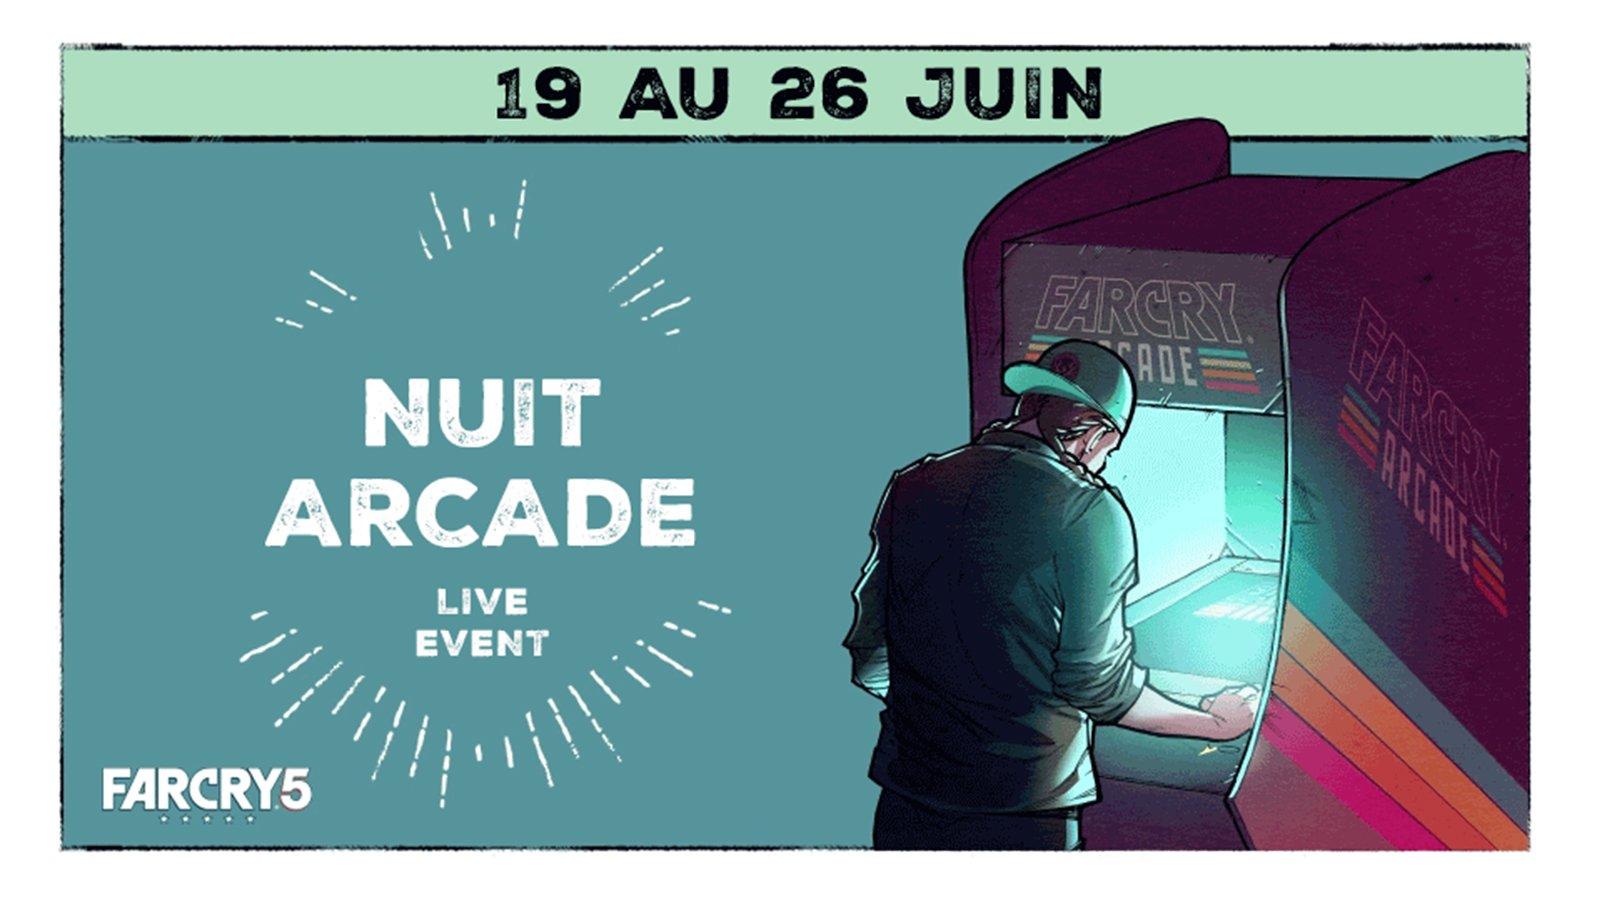 Far Cry Fr On Twitter Le Nouvel événement Live De Far Cry 5 Nuit